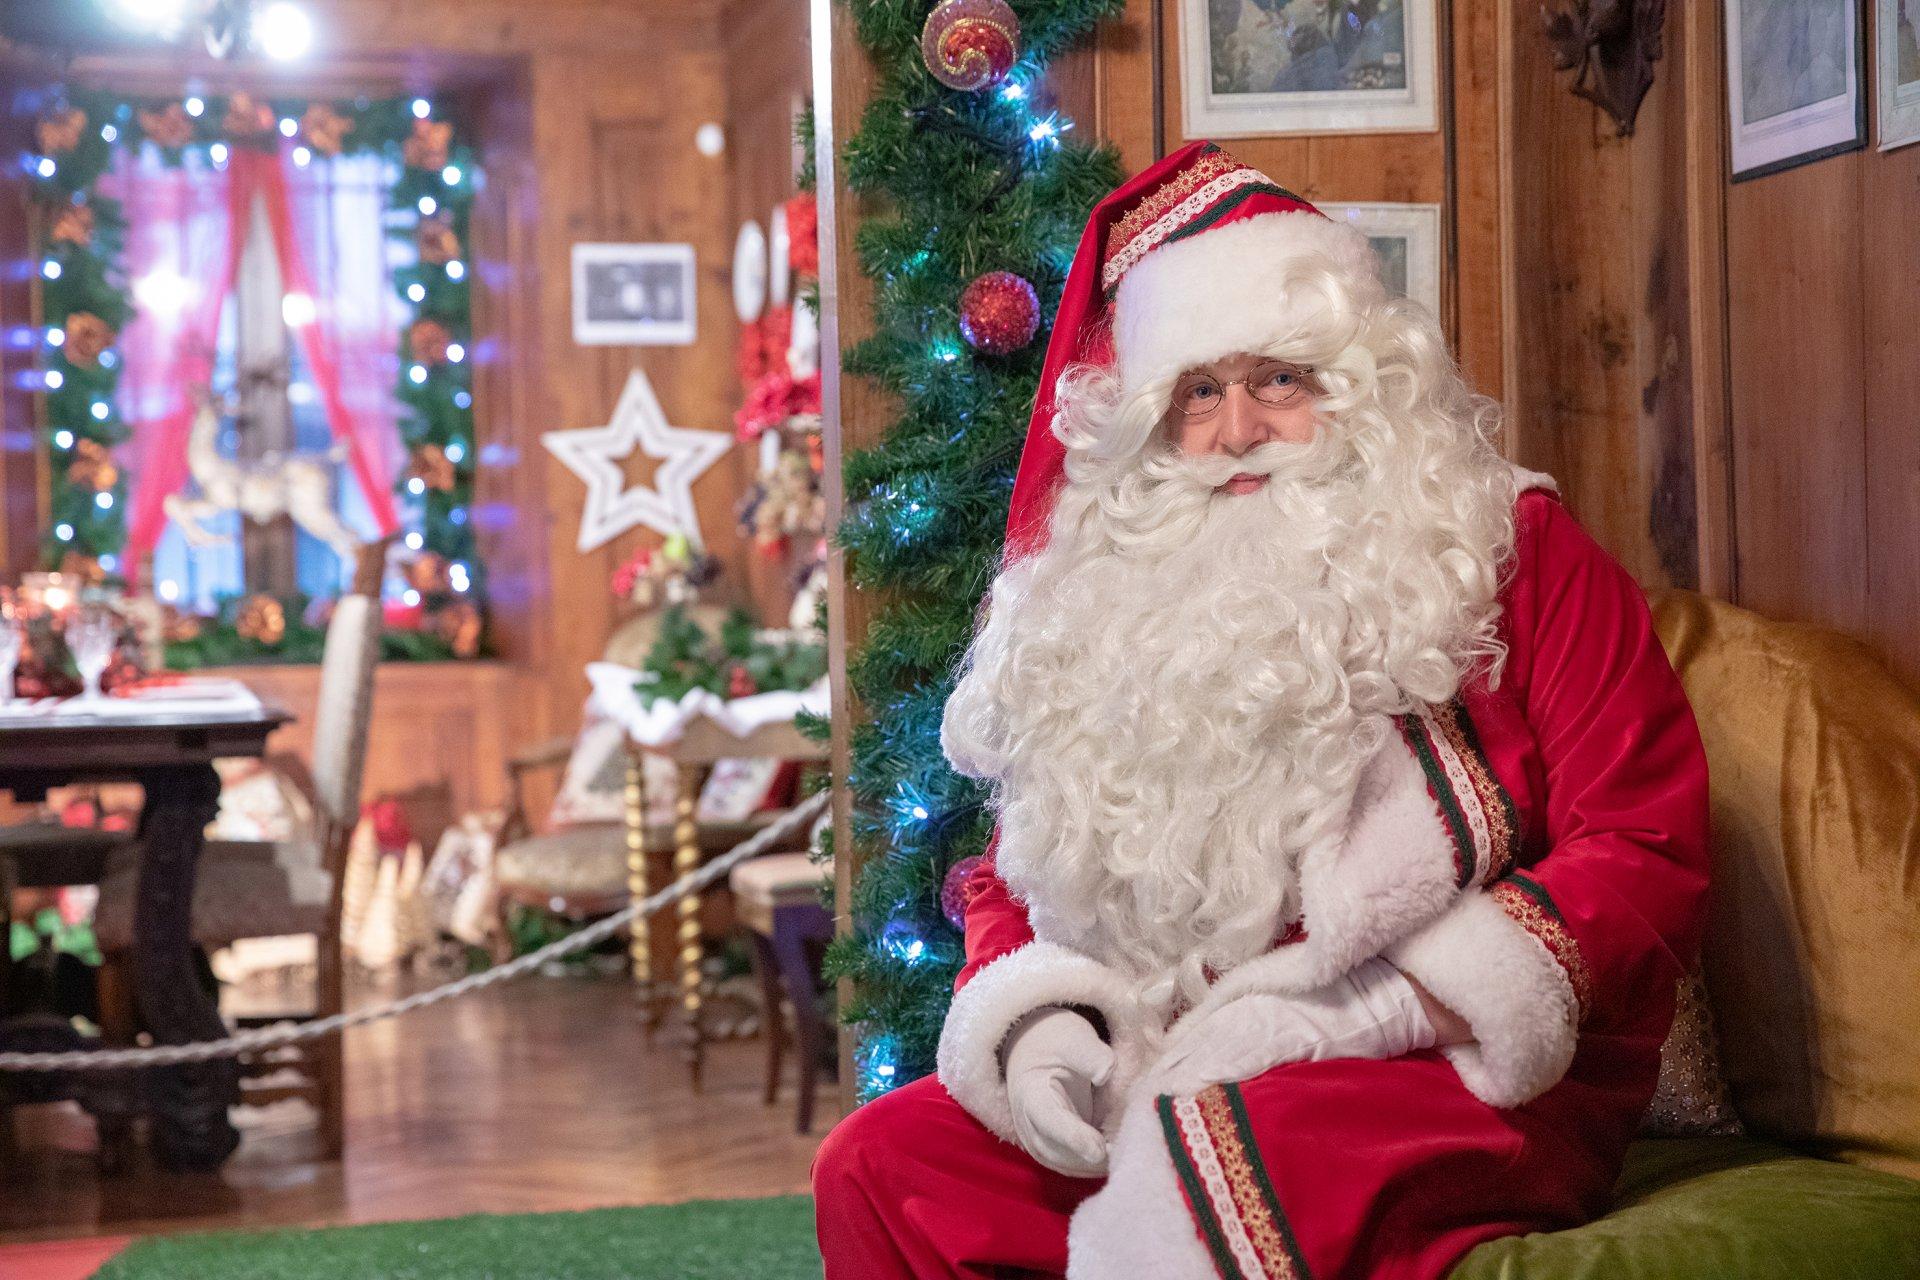 Sito Ufficiale Di Babbo Natale.E Ufficiale Da Sabato 21 Novembre Babbo Natale Torna Nella Sua Casa Di Gromo Prima Bergamo